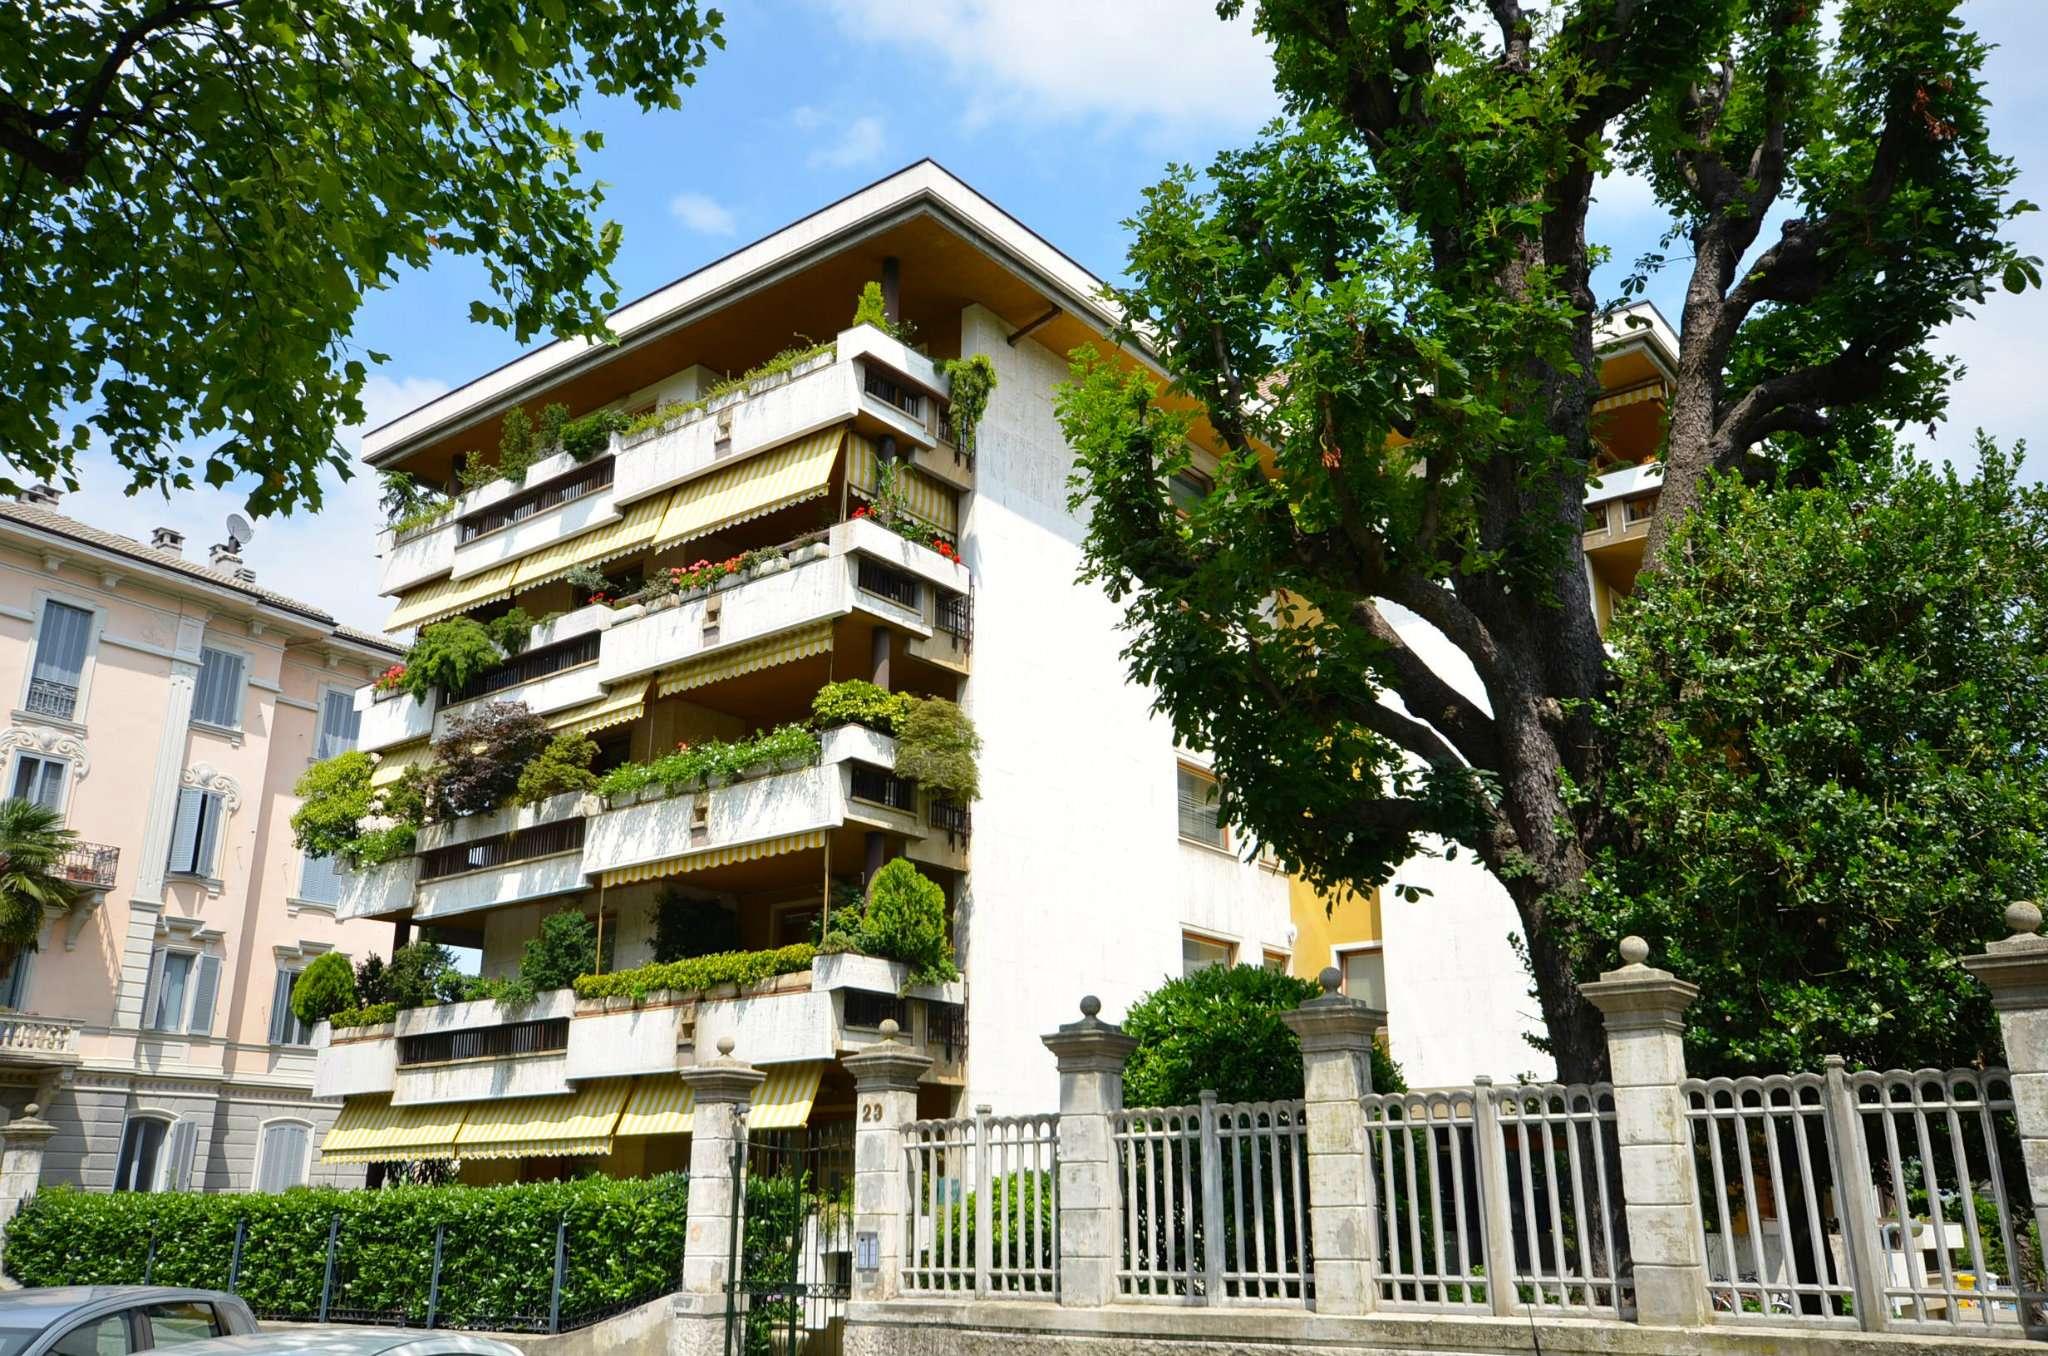 Appartamento in vendita a Cuneo, 5 locali, prezzo € 395.000 | CambioCasa.it